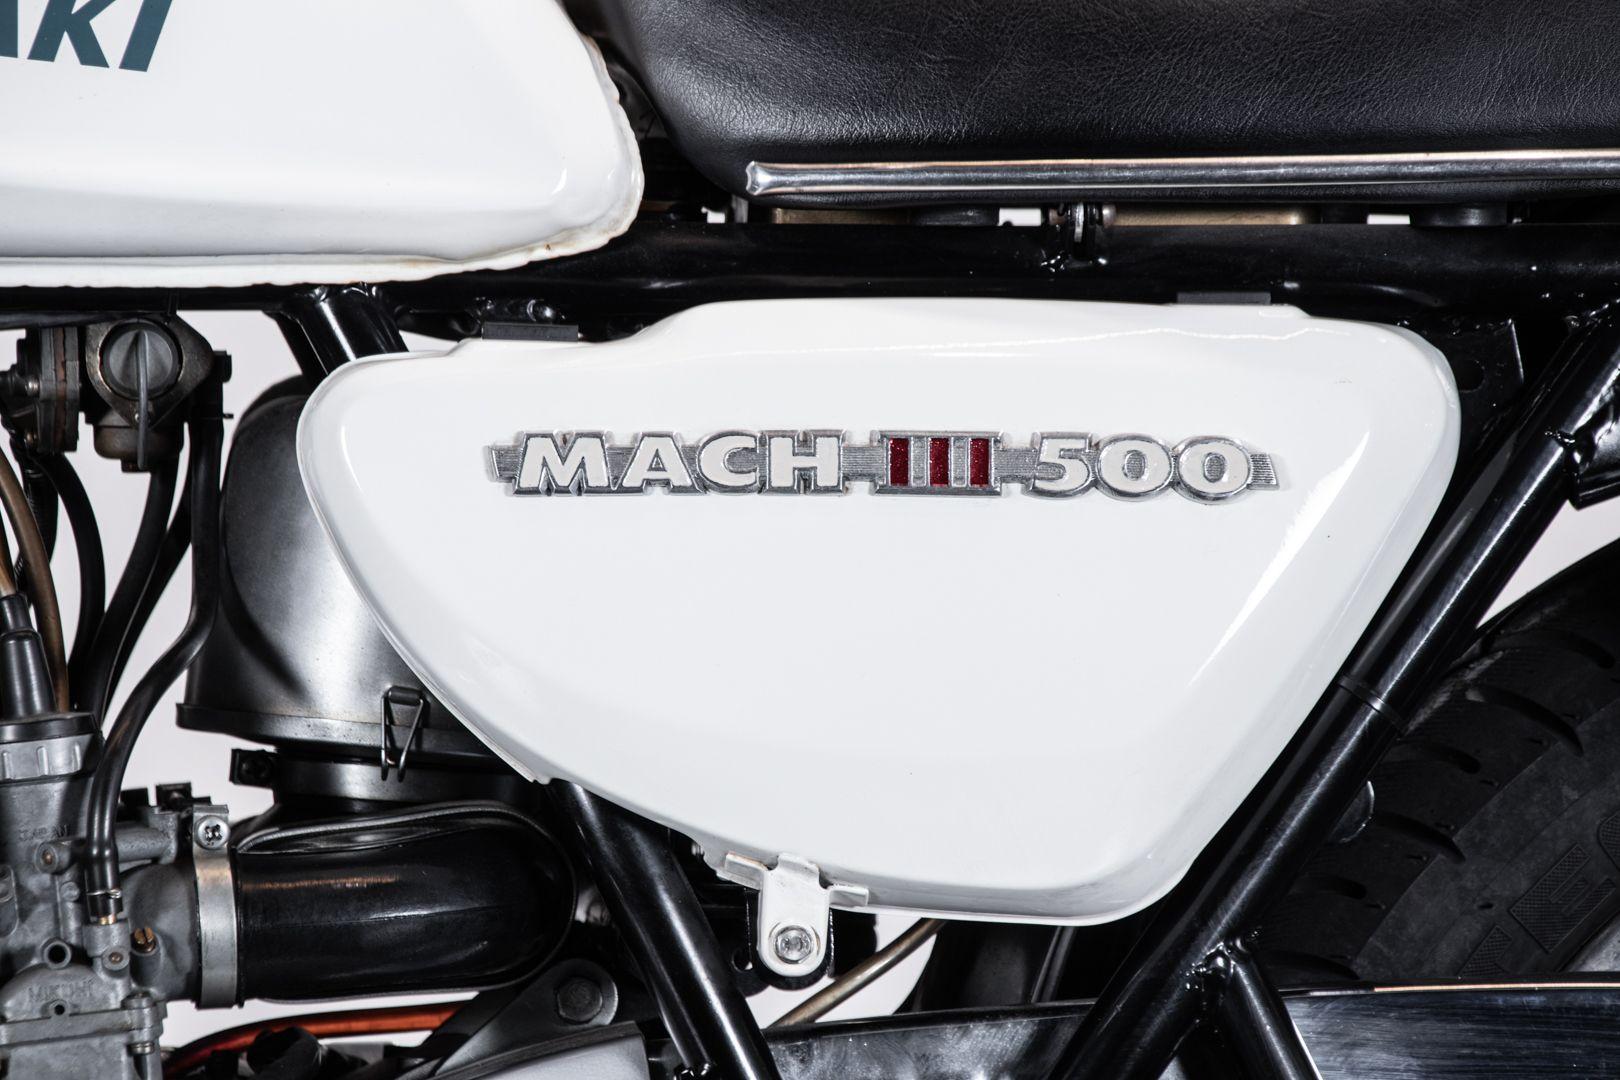 1970 Kawasaki Mach III H1 500 62078